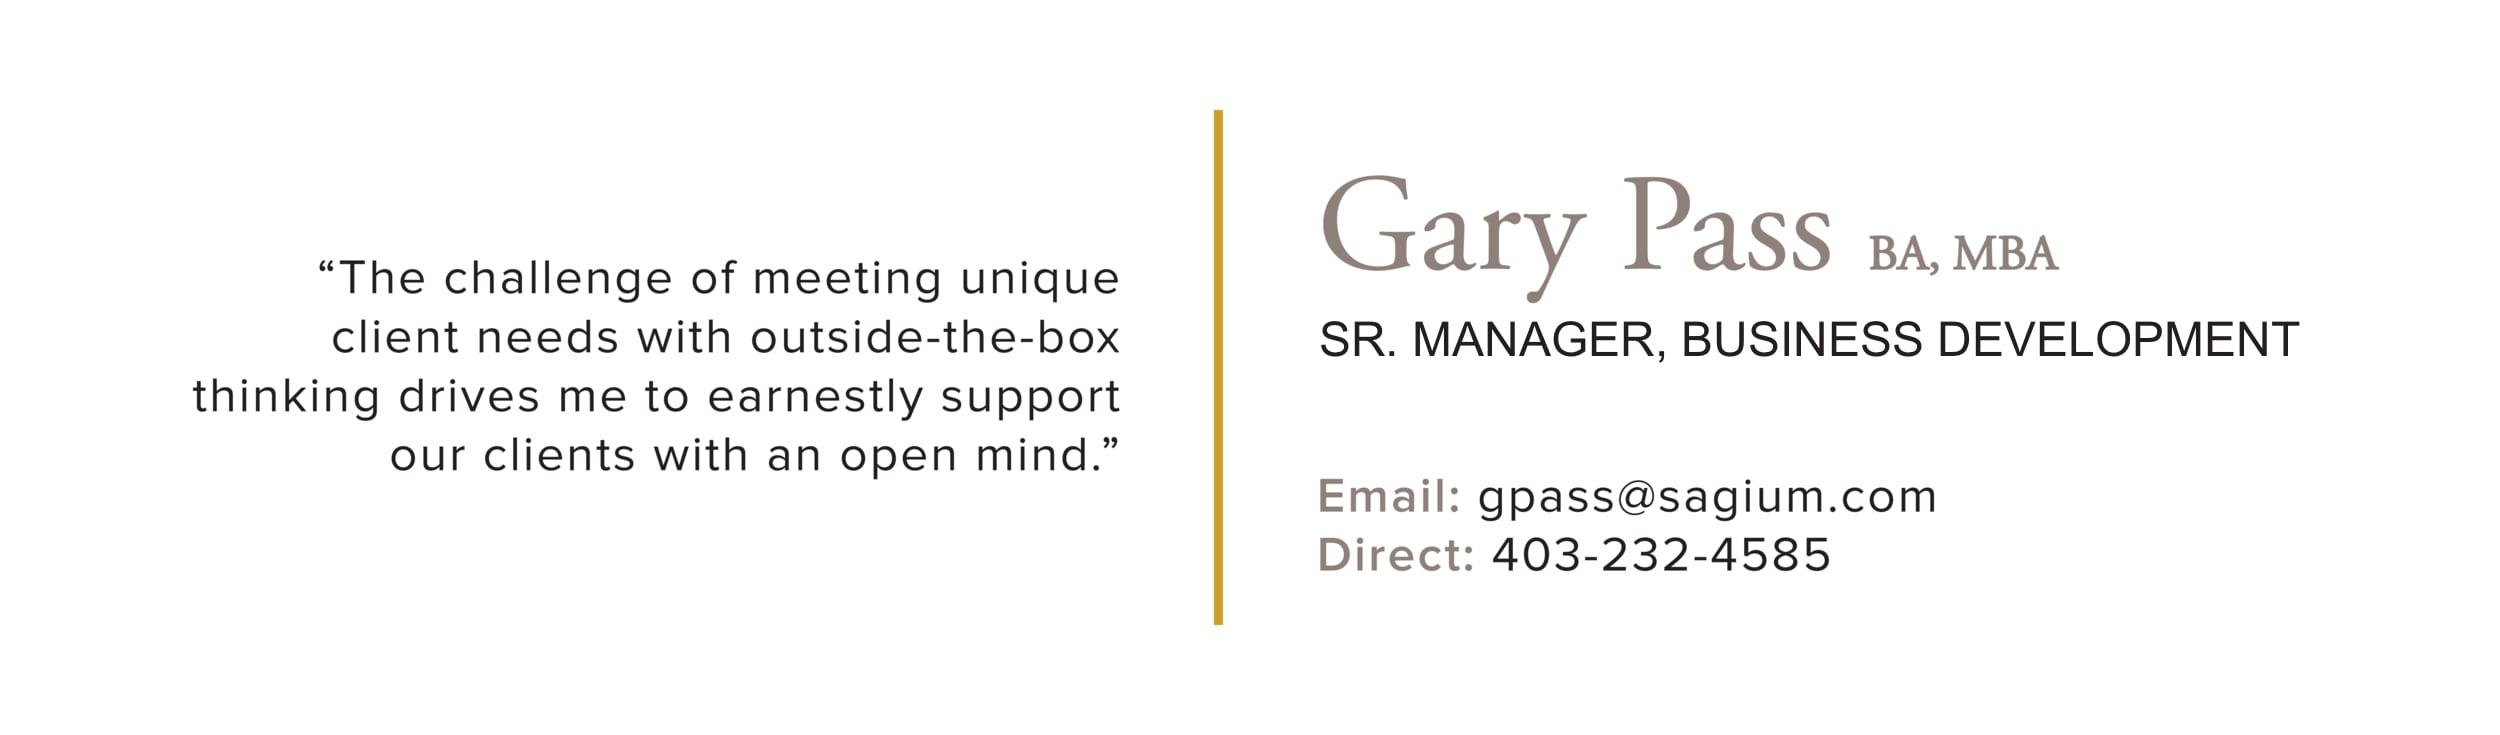 gary-pass-card.jpg